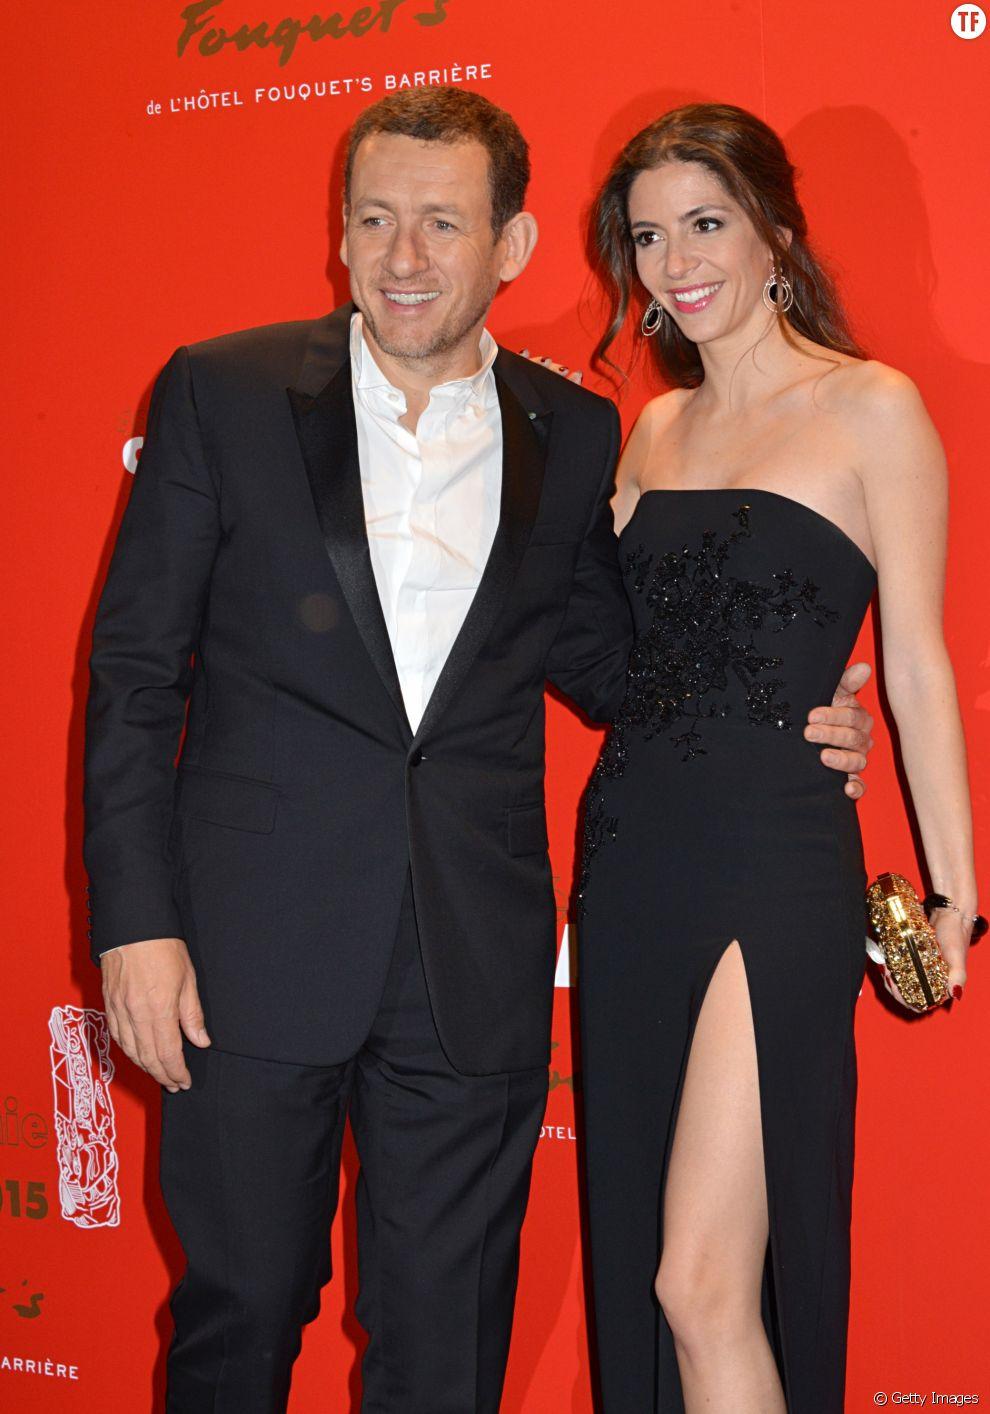 """Dany Boon a rencontré Yaël en 2002 et lui a dit """"Oui"""" en 2003. Auparavant mannequin, la jeune femme s'est reconvertie en conseillère artistique."""